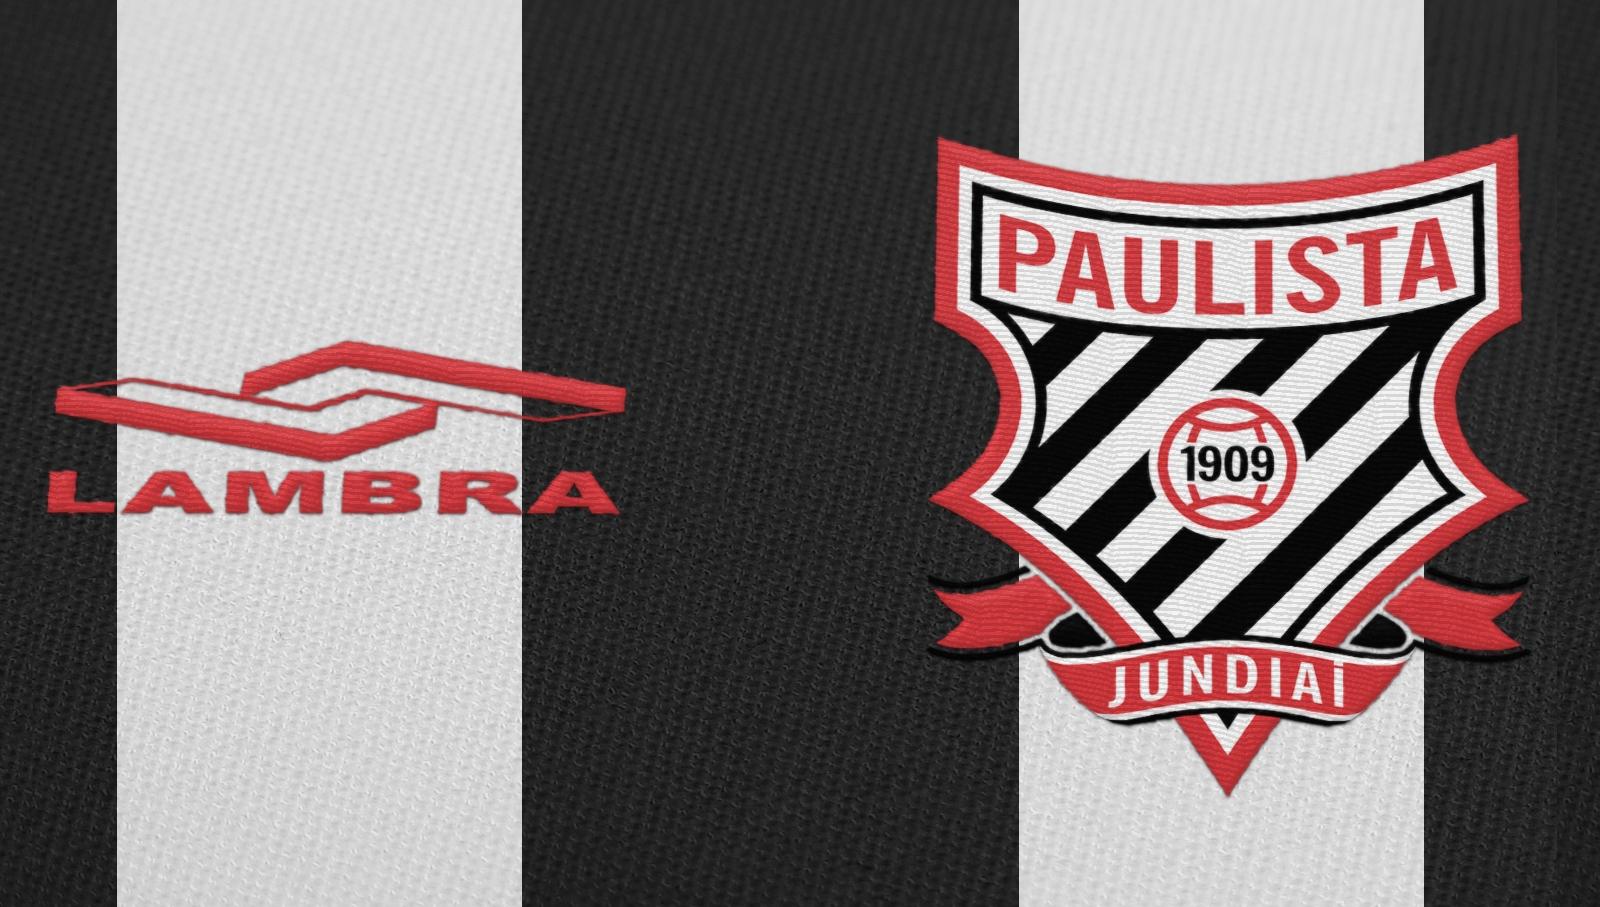 ae1c14c202 Lambra é a nova fornecedora esportiva do Paulista de Jundiaí - Show ...